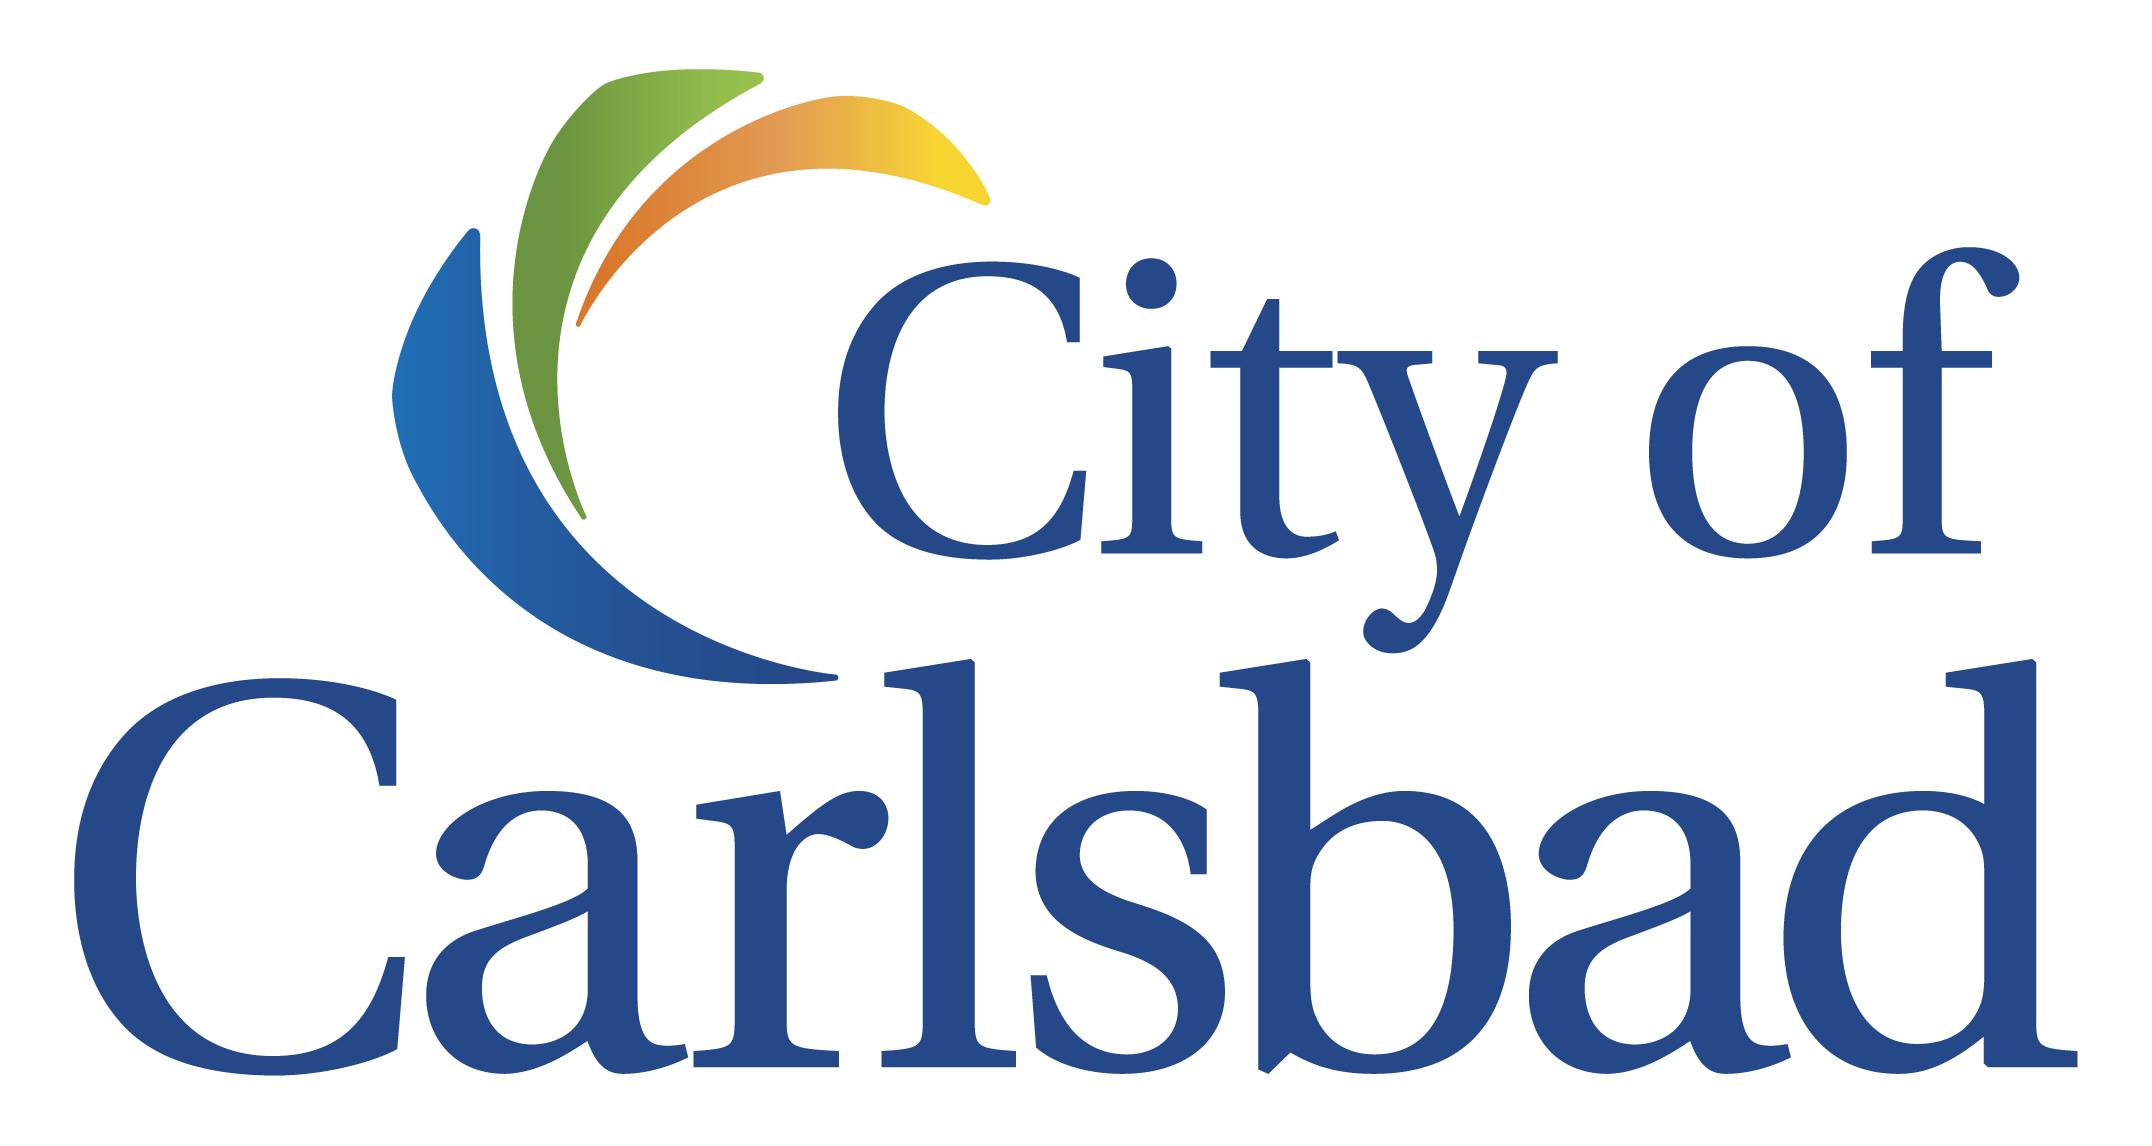 Carlsbad city logo.jpg